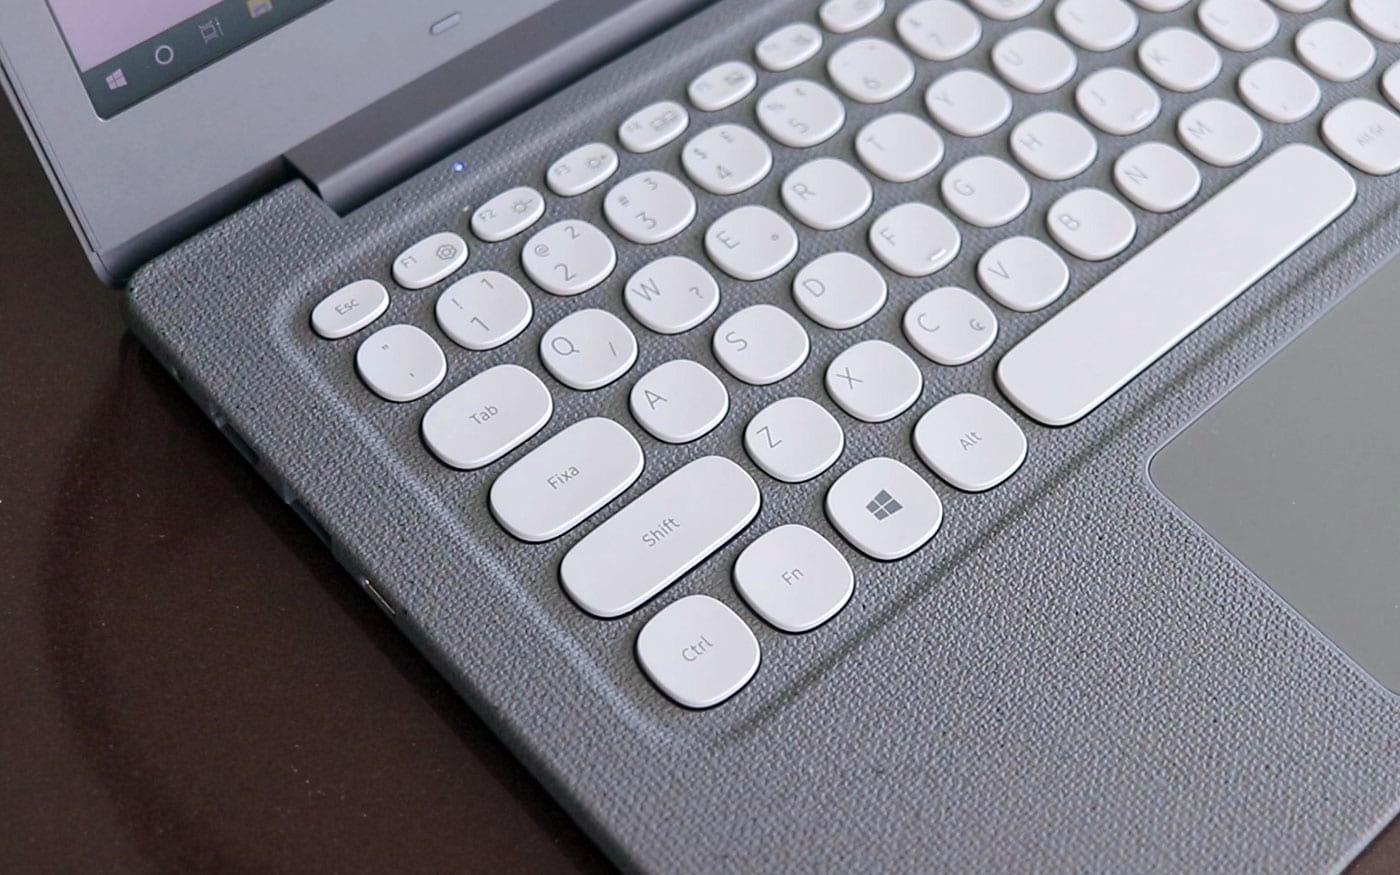 Review - Samsung Flash F30: Pra quem é este simpático notebook?